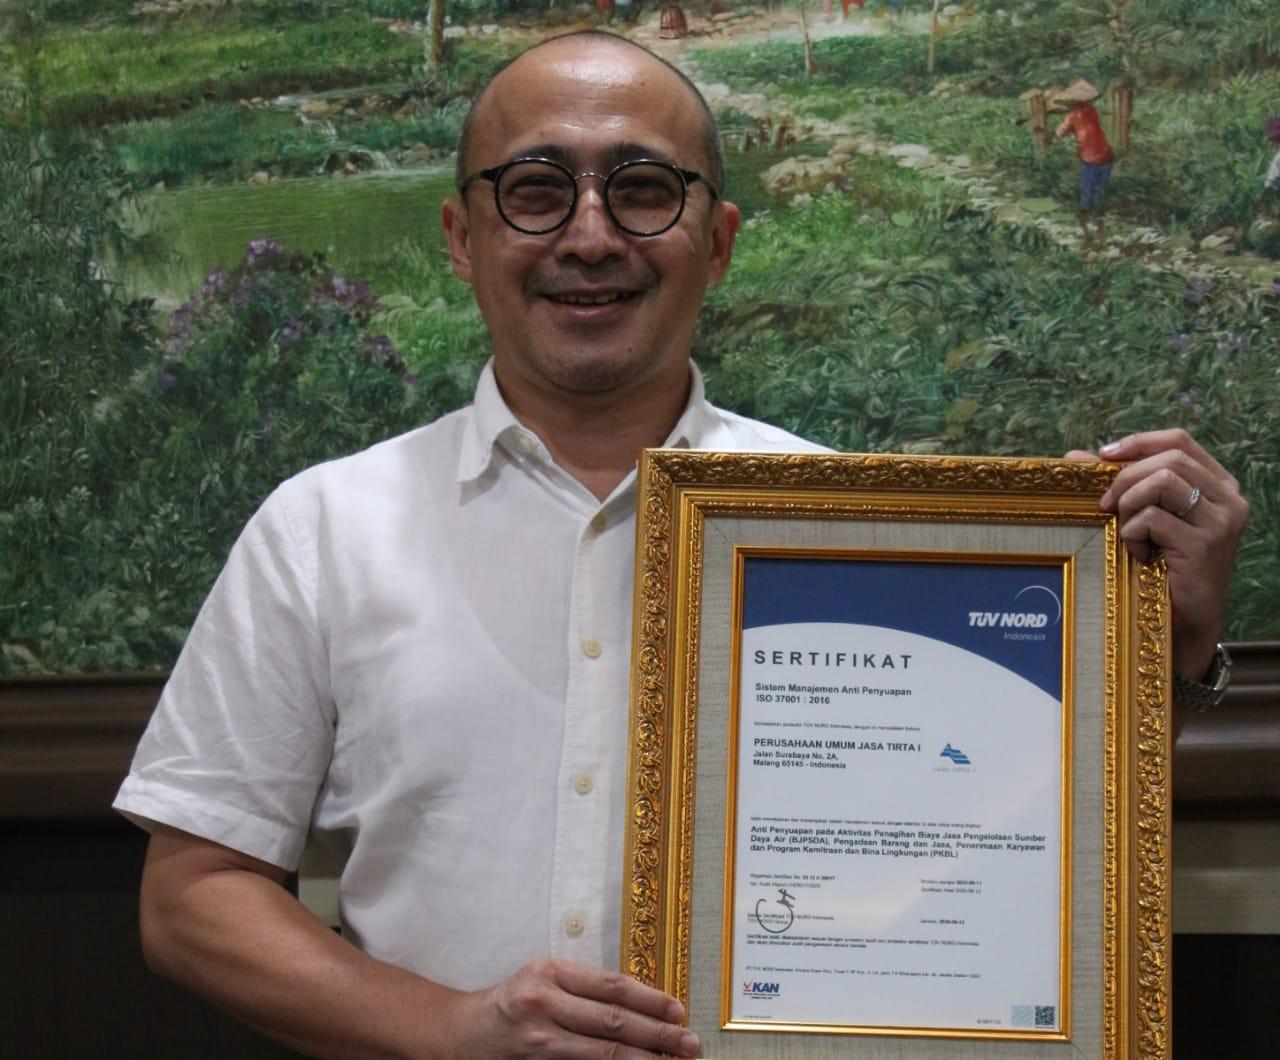 Implementasikan Sistem Anti Suap, PJT I Diganjar Sertifikat ISO 37001:2016